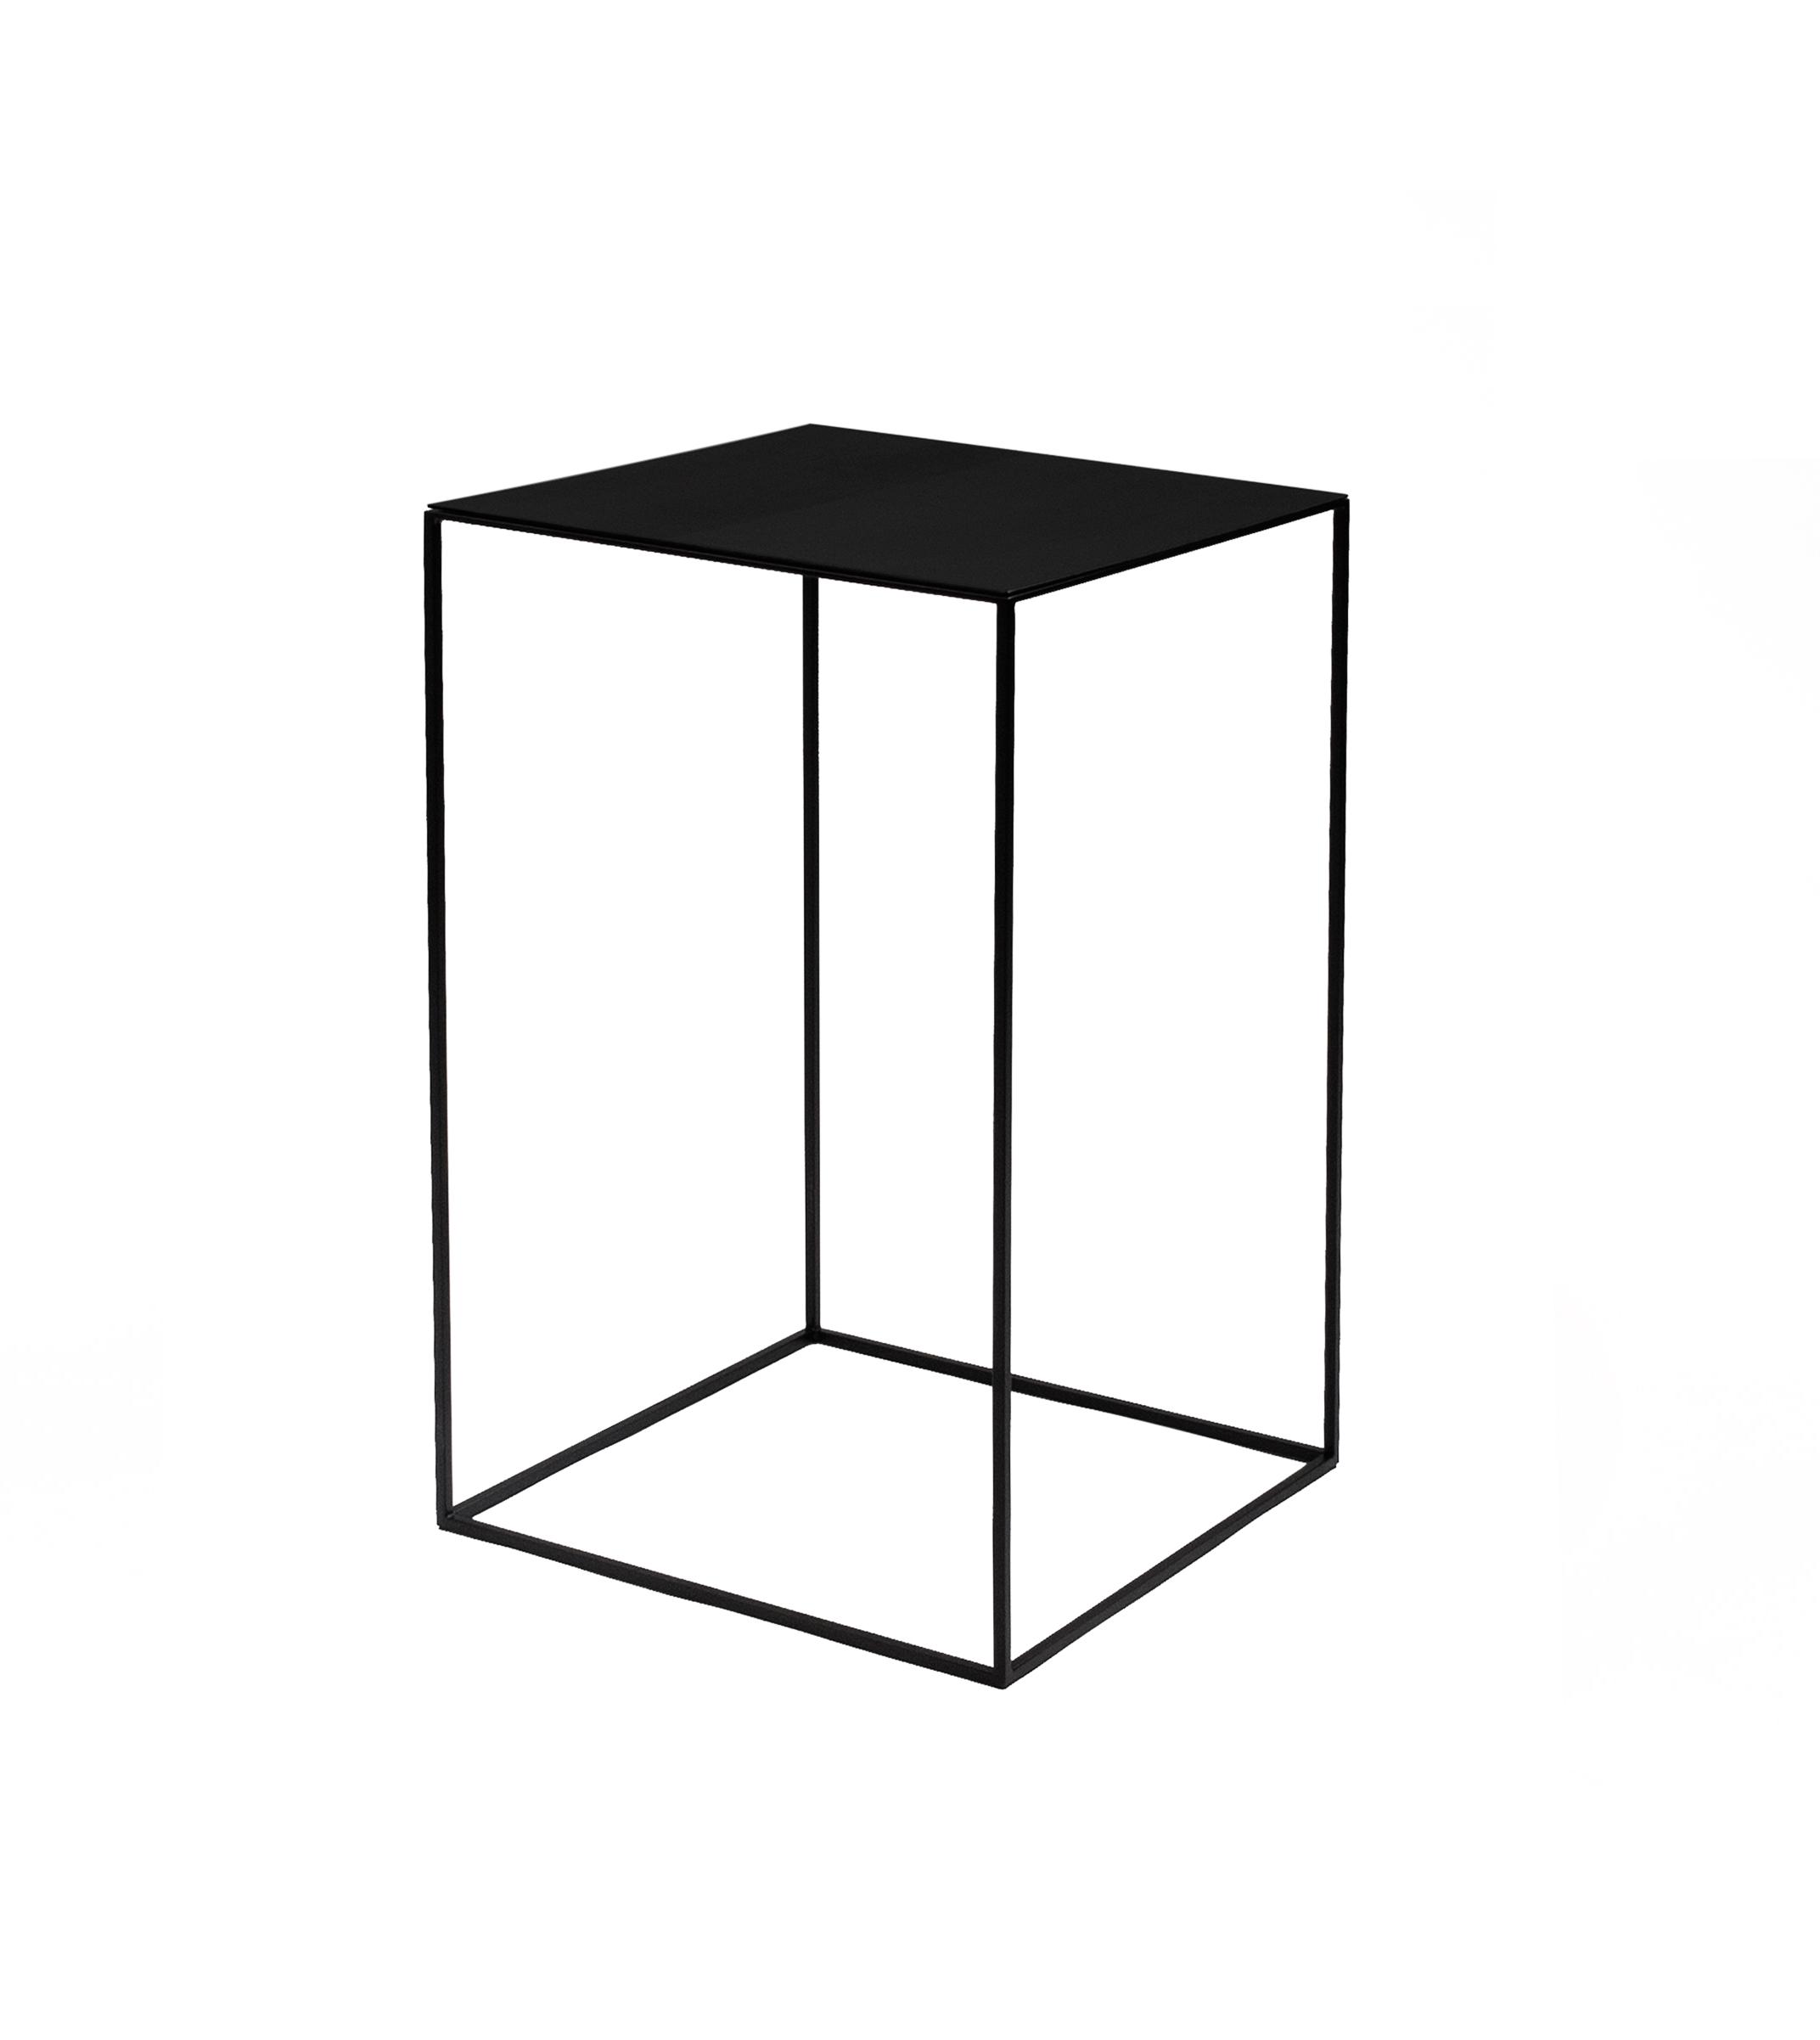 Bijzettafel Zwart Vierkant.Bijzettafel Vierkant Zwart Interieur Table Home Decor En Decor